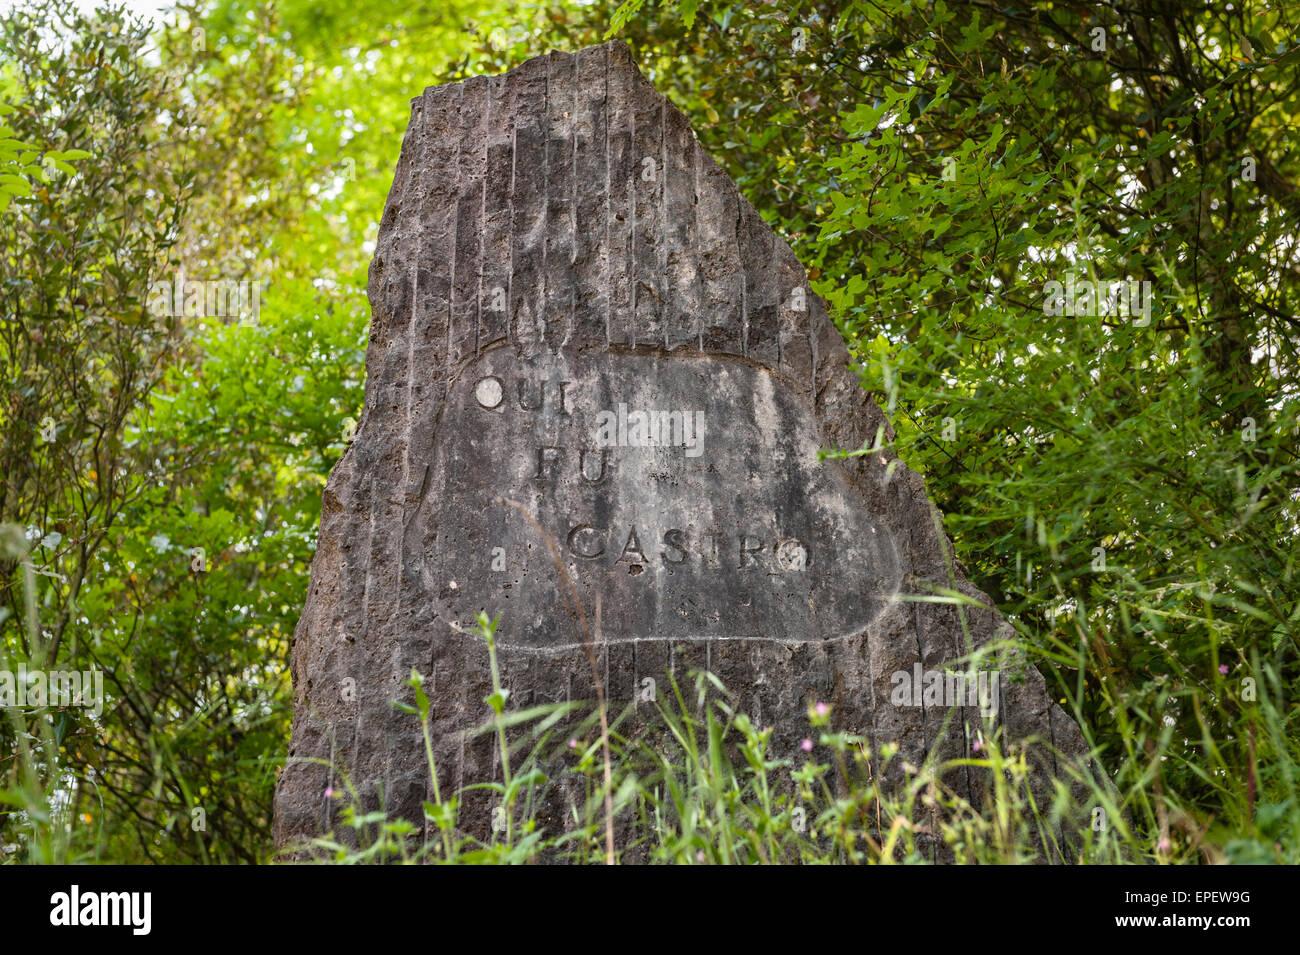 """Castro, Lazio, Italien. Die Website einer etruskischen Stadt, lange verloren da. Eine Inschrift besagt """"Qui Stockbild"""